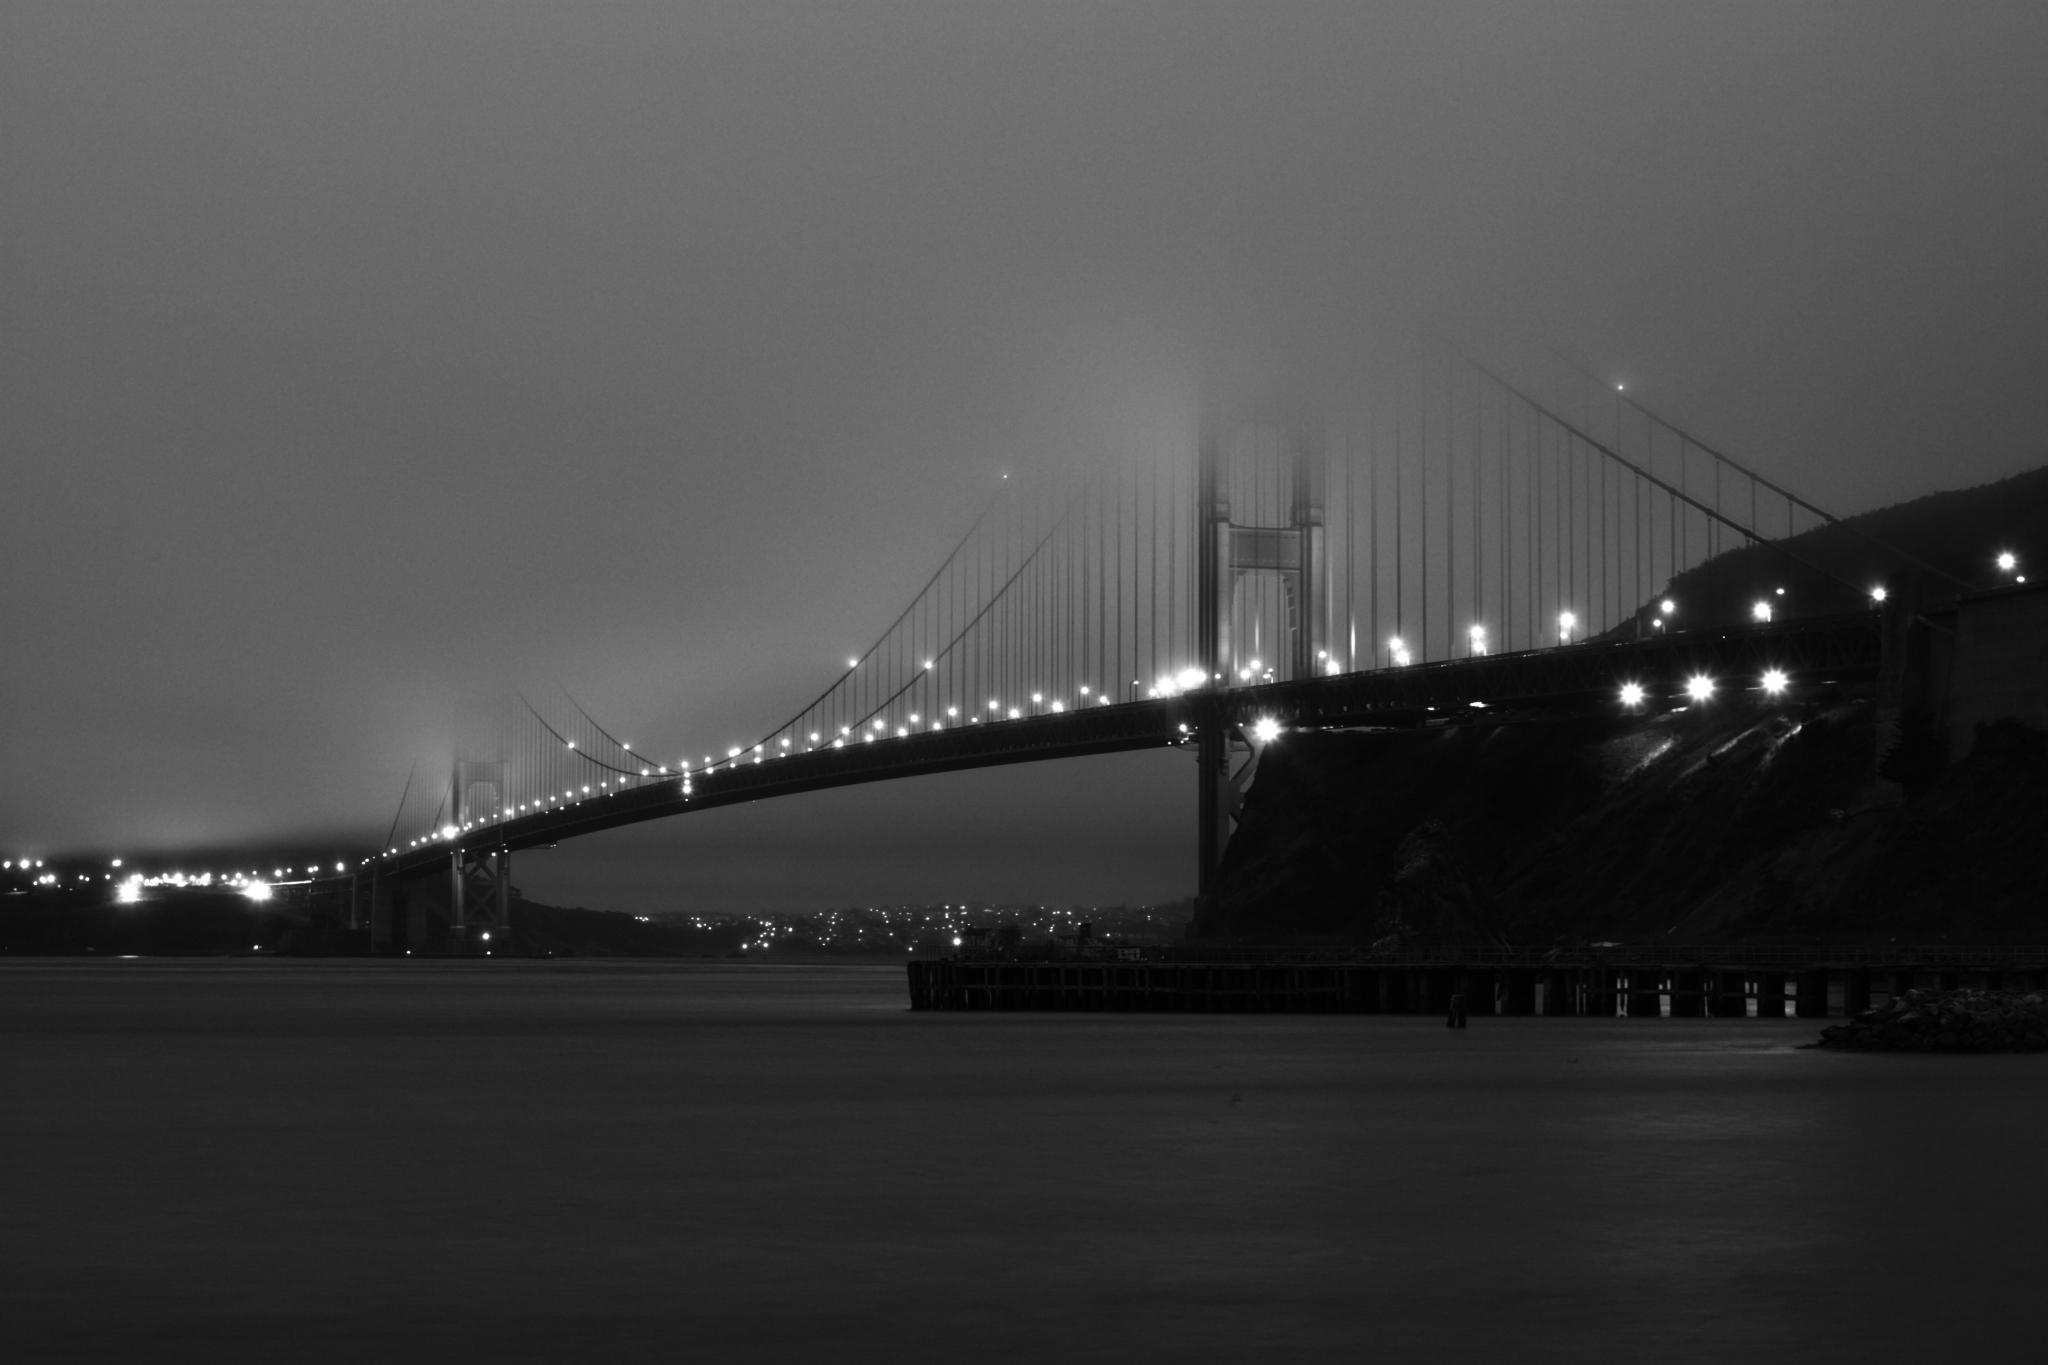 Bridge_Noir.JPG